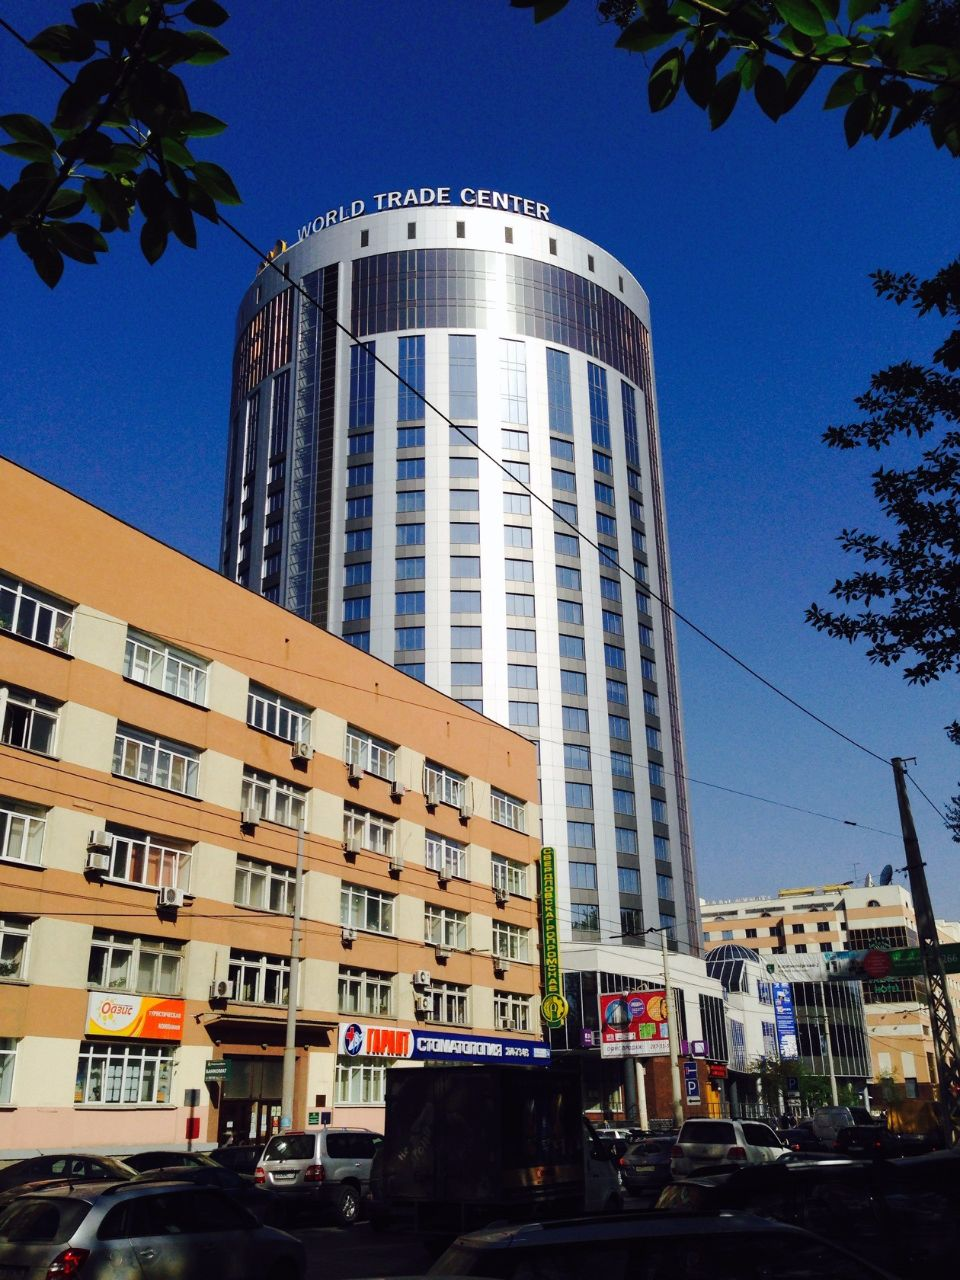 аренда помещений в БЦ Центр Международной Торговли Екатеринбург